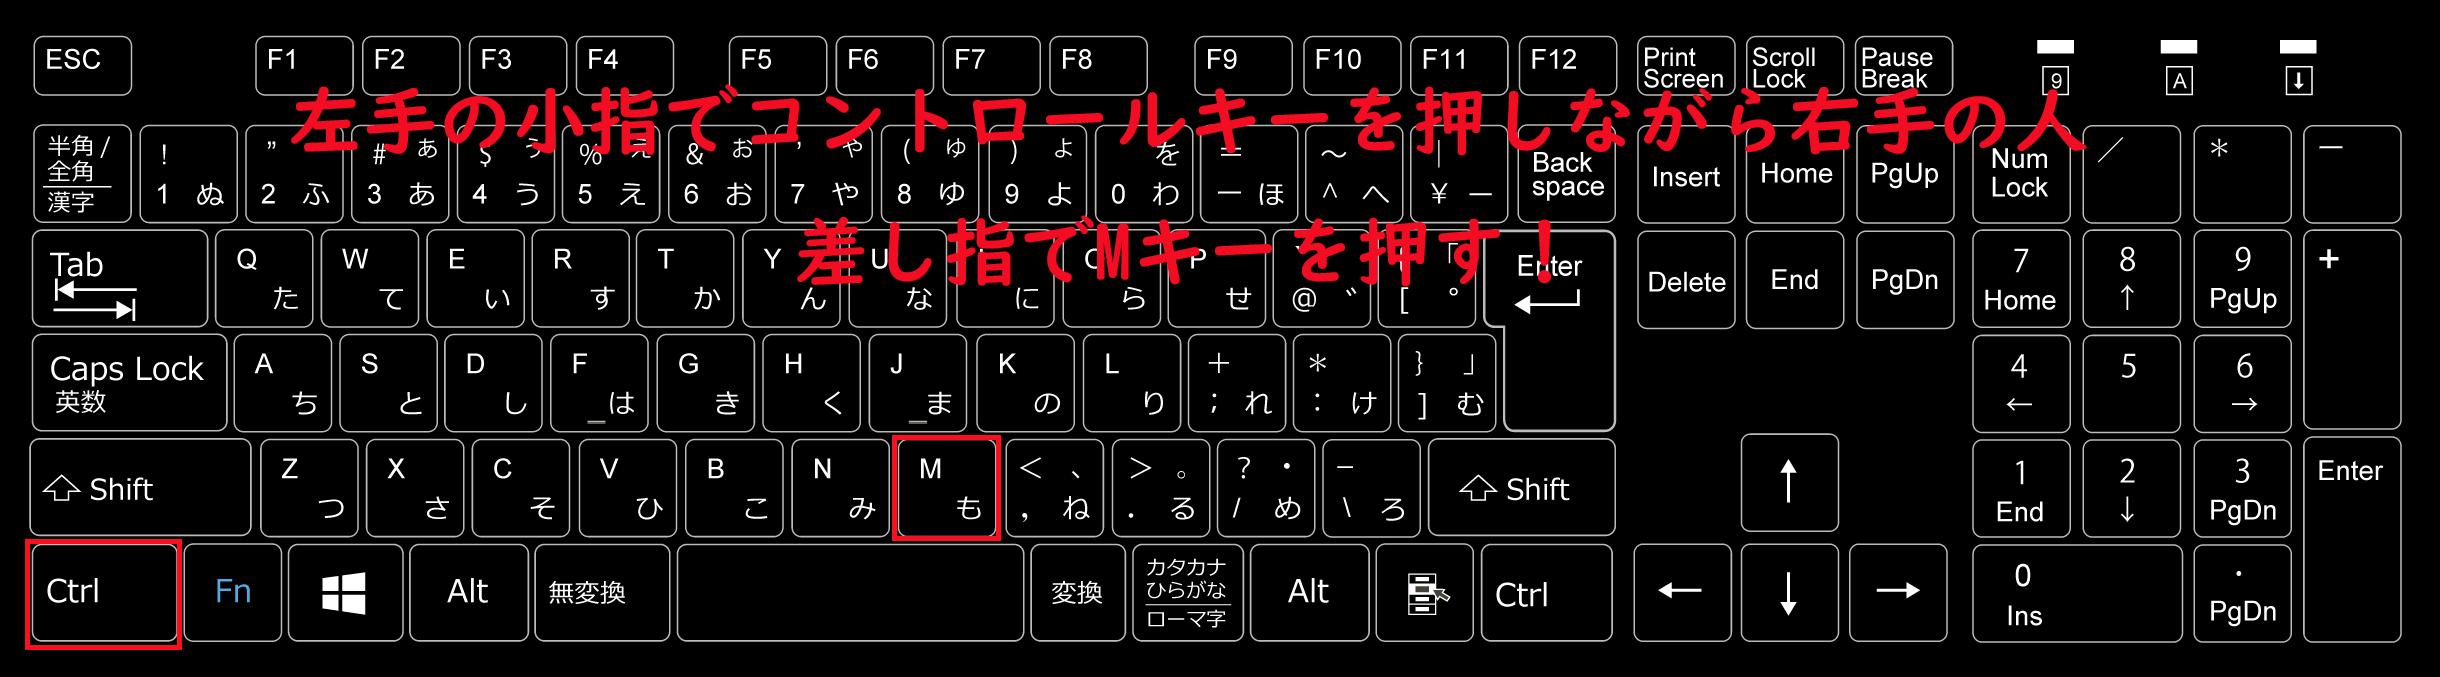 ホームポジションをキープしたまま文字を確定させるには左手の小指でコントロールキーを押しながら右手の人差し指でMキーを押す!